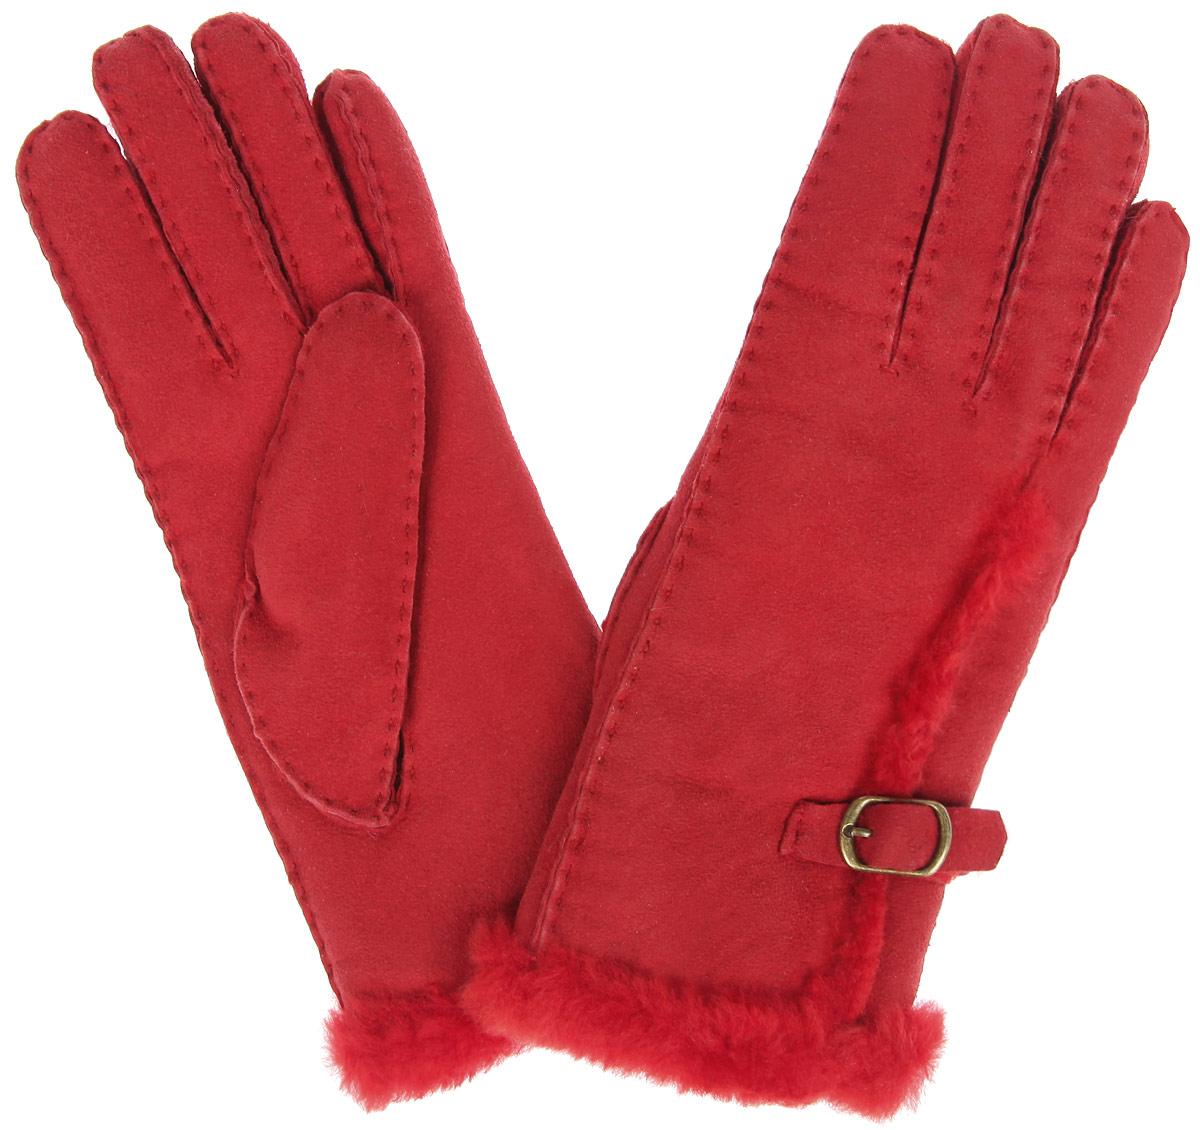 Перчатки25.9-1_blackЭлегантные женские перчатки Fabretti станут великолепным дополнением вашего образа и защитят ваши руки от холода и ветра во время прогулок. Перчатки выполнены из натуральной кожи и имеют подкладку из натурального меха, что позволяет им надежно сохранять тепло и обеспечивает высокую гигроскопичность. Модель дополнена декоративным хлястиком с пряжкой на запястье и оформлена наружными швами. Такие перчатки будут оригинальным завершающим штрихом в создании современного модного образа, они подчеркнут ваш изысканный вкус и станут незаменимым и практичным аксессуаром.